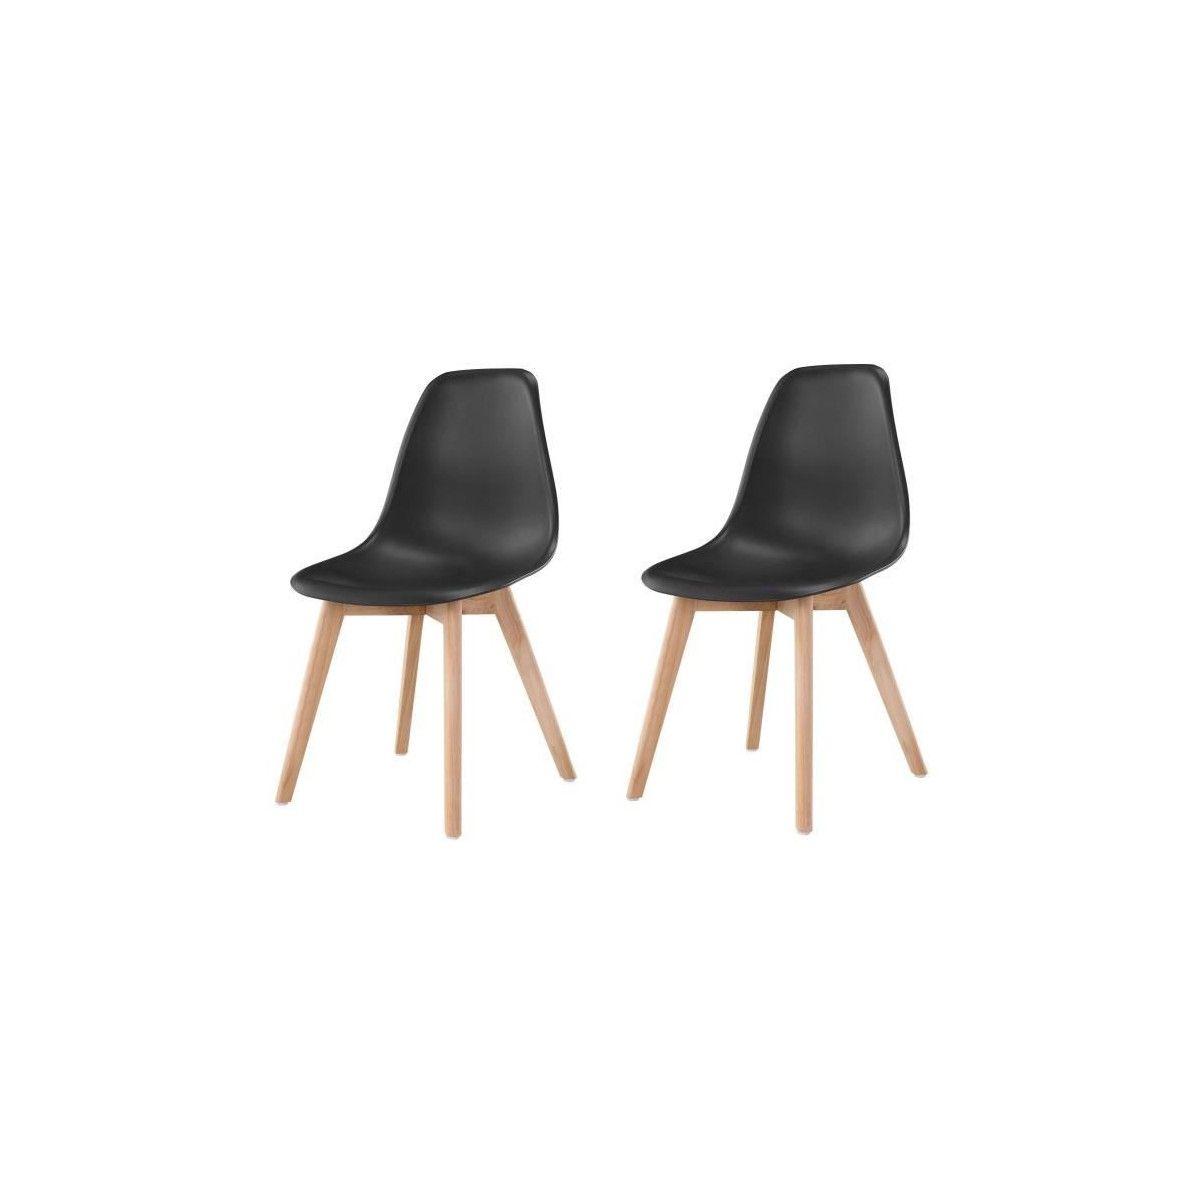 SACHA Lot de 2 chaises de salle a manger noir Pieds en